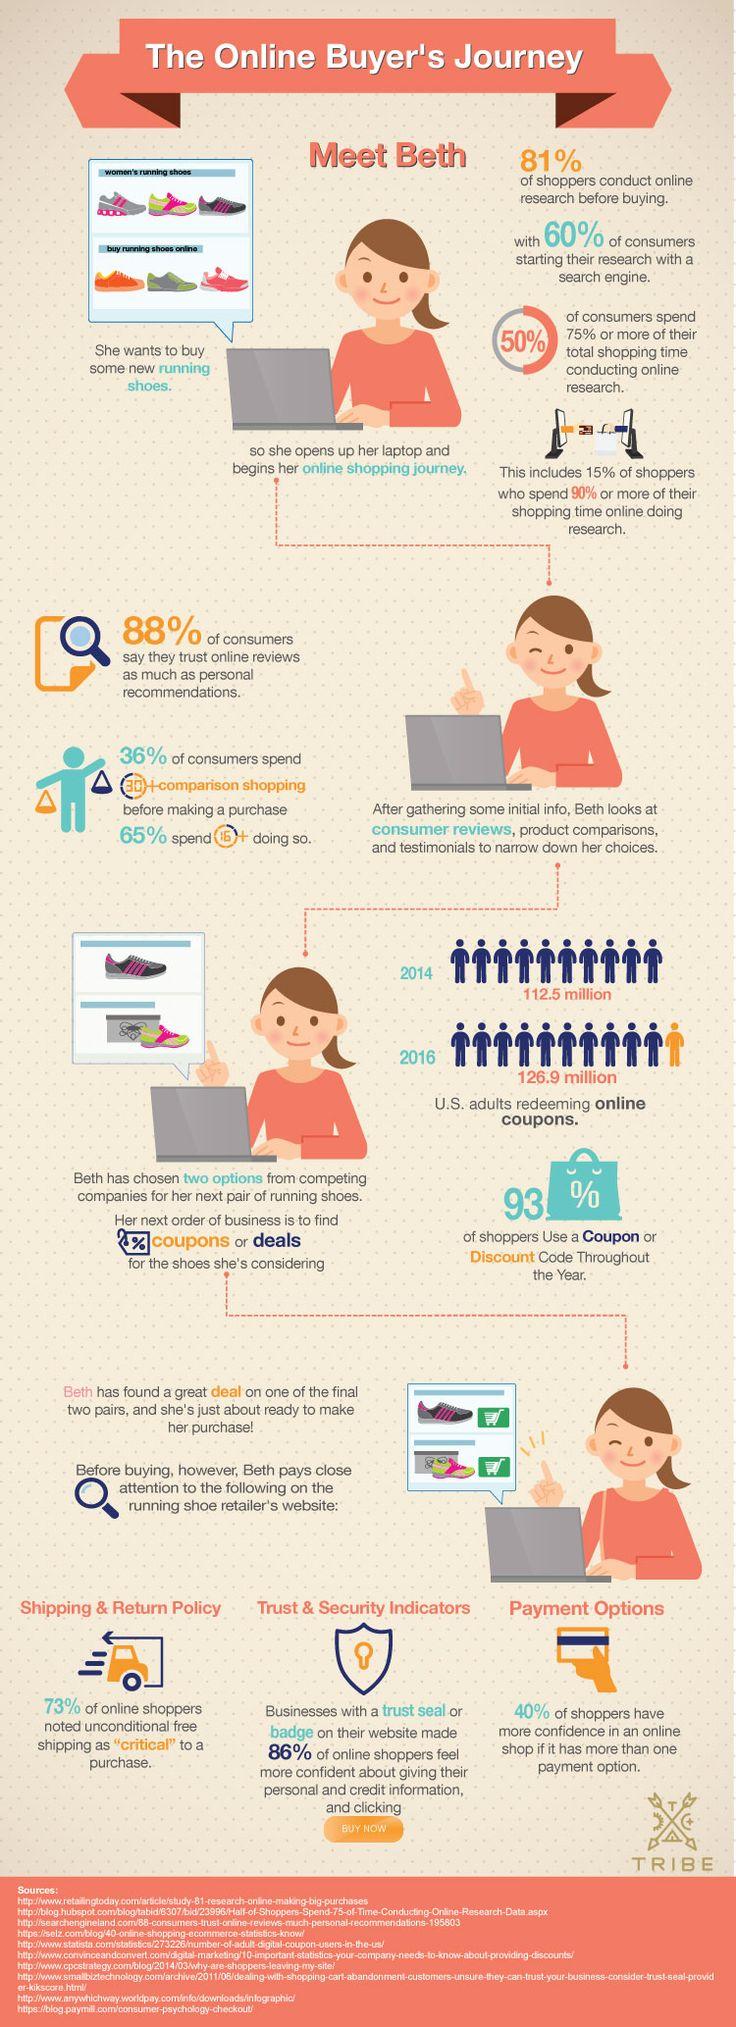 Marketing Blog | The Online Buyer's Journey [Infographic] | Sailthru